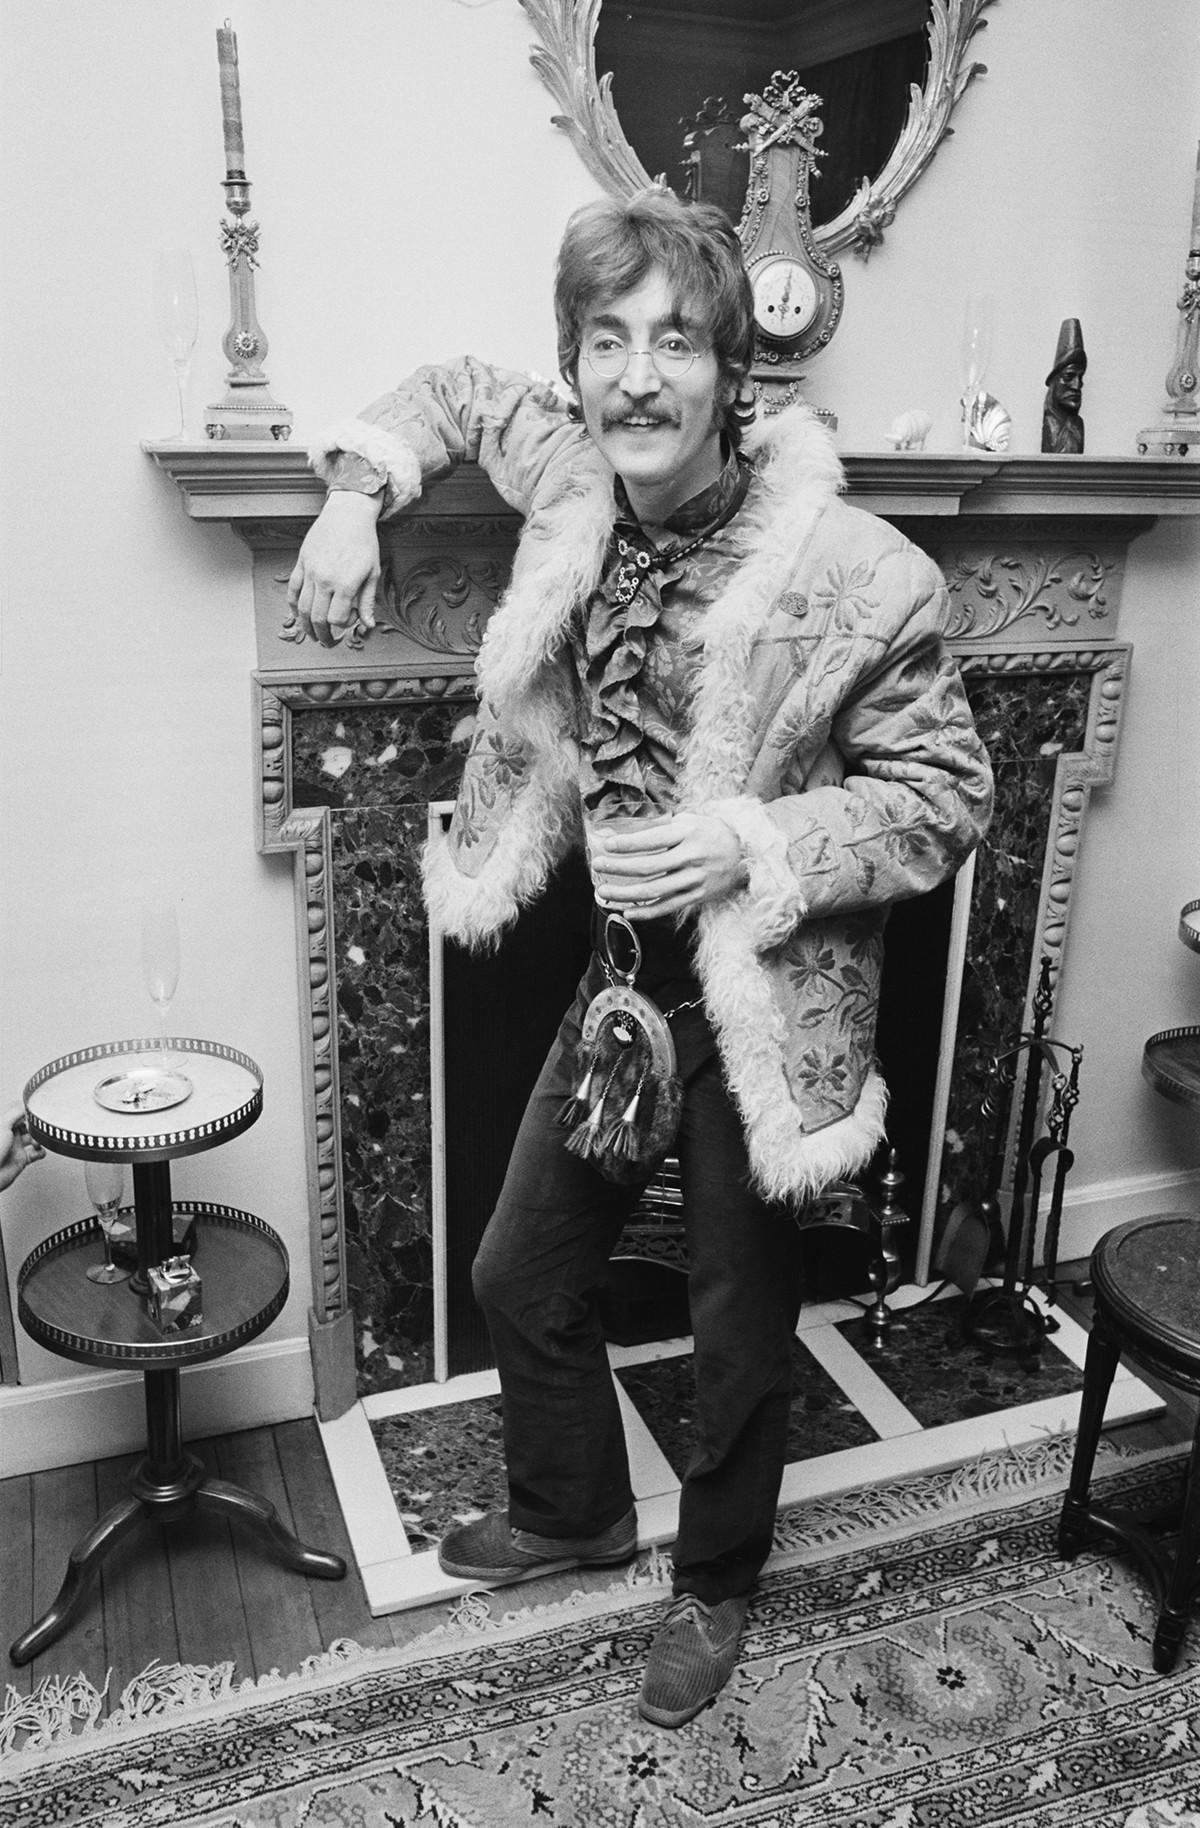 John Lennon con una giacca in stile afgano